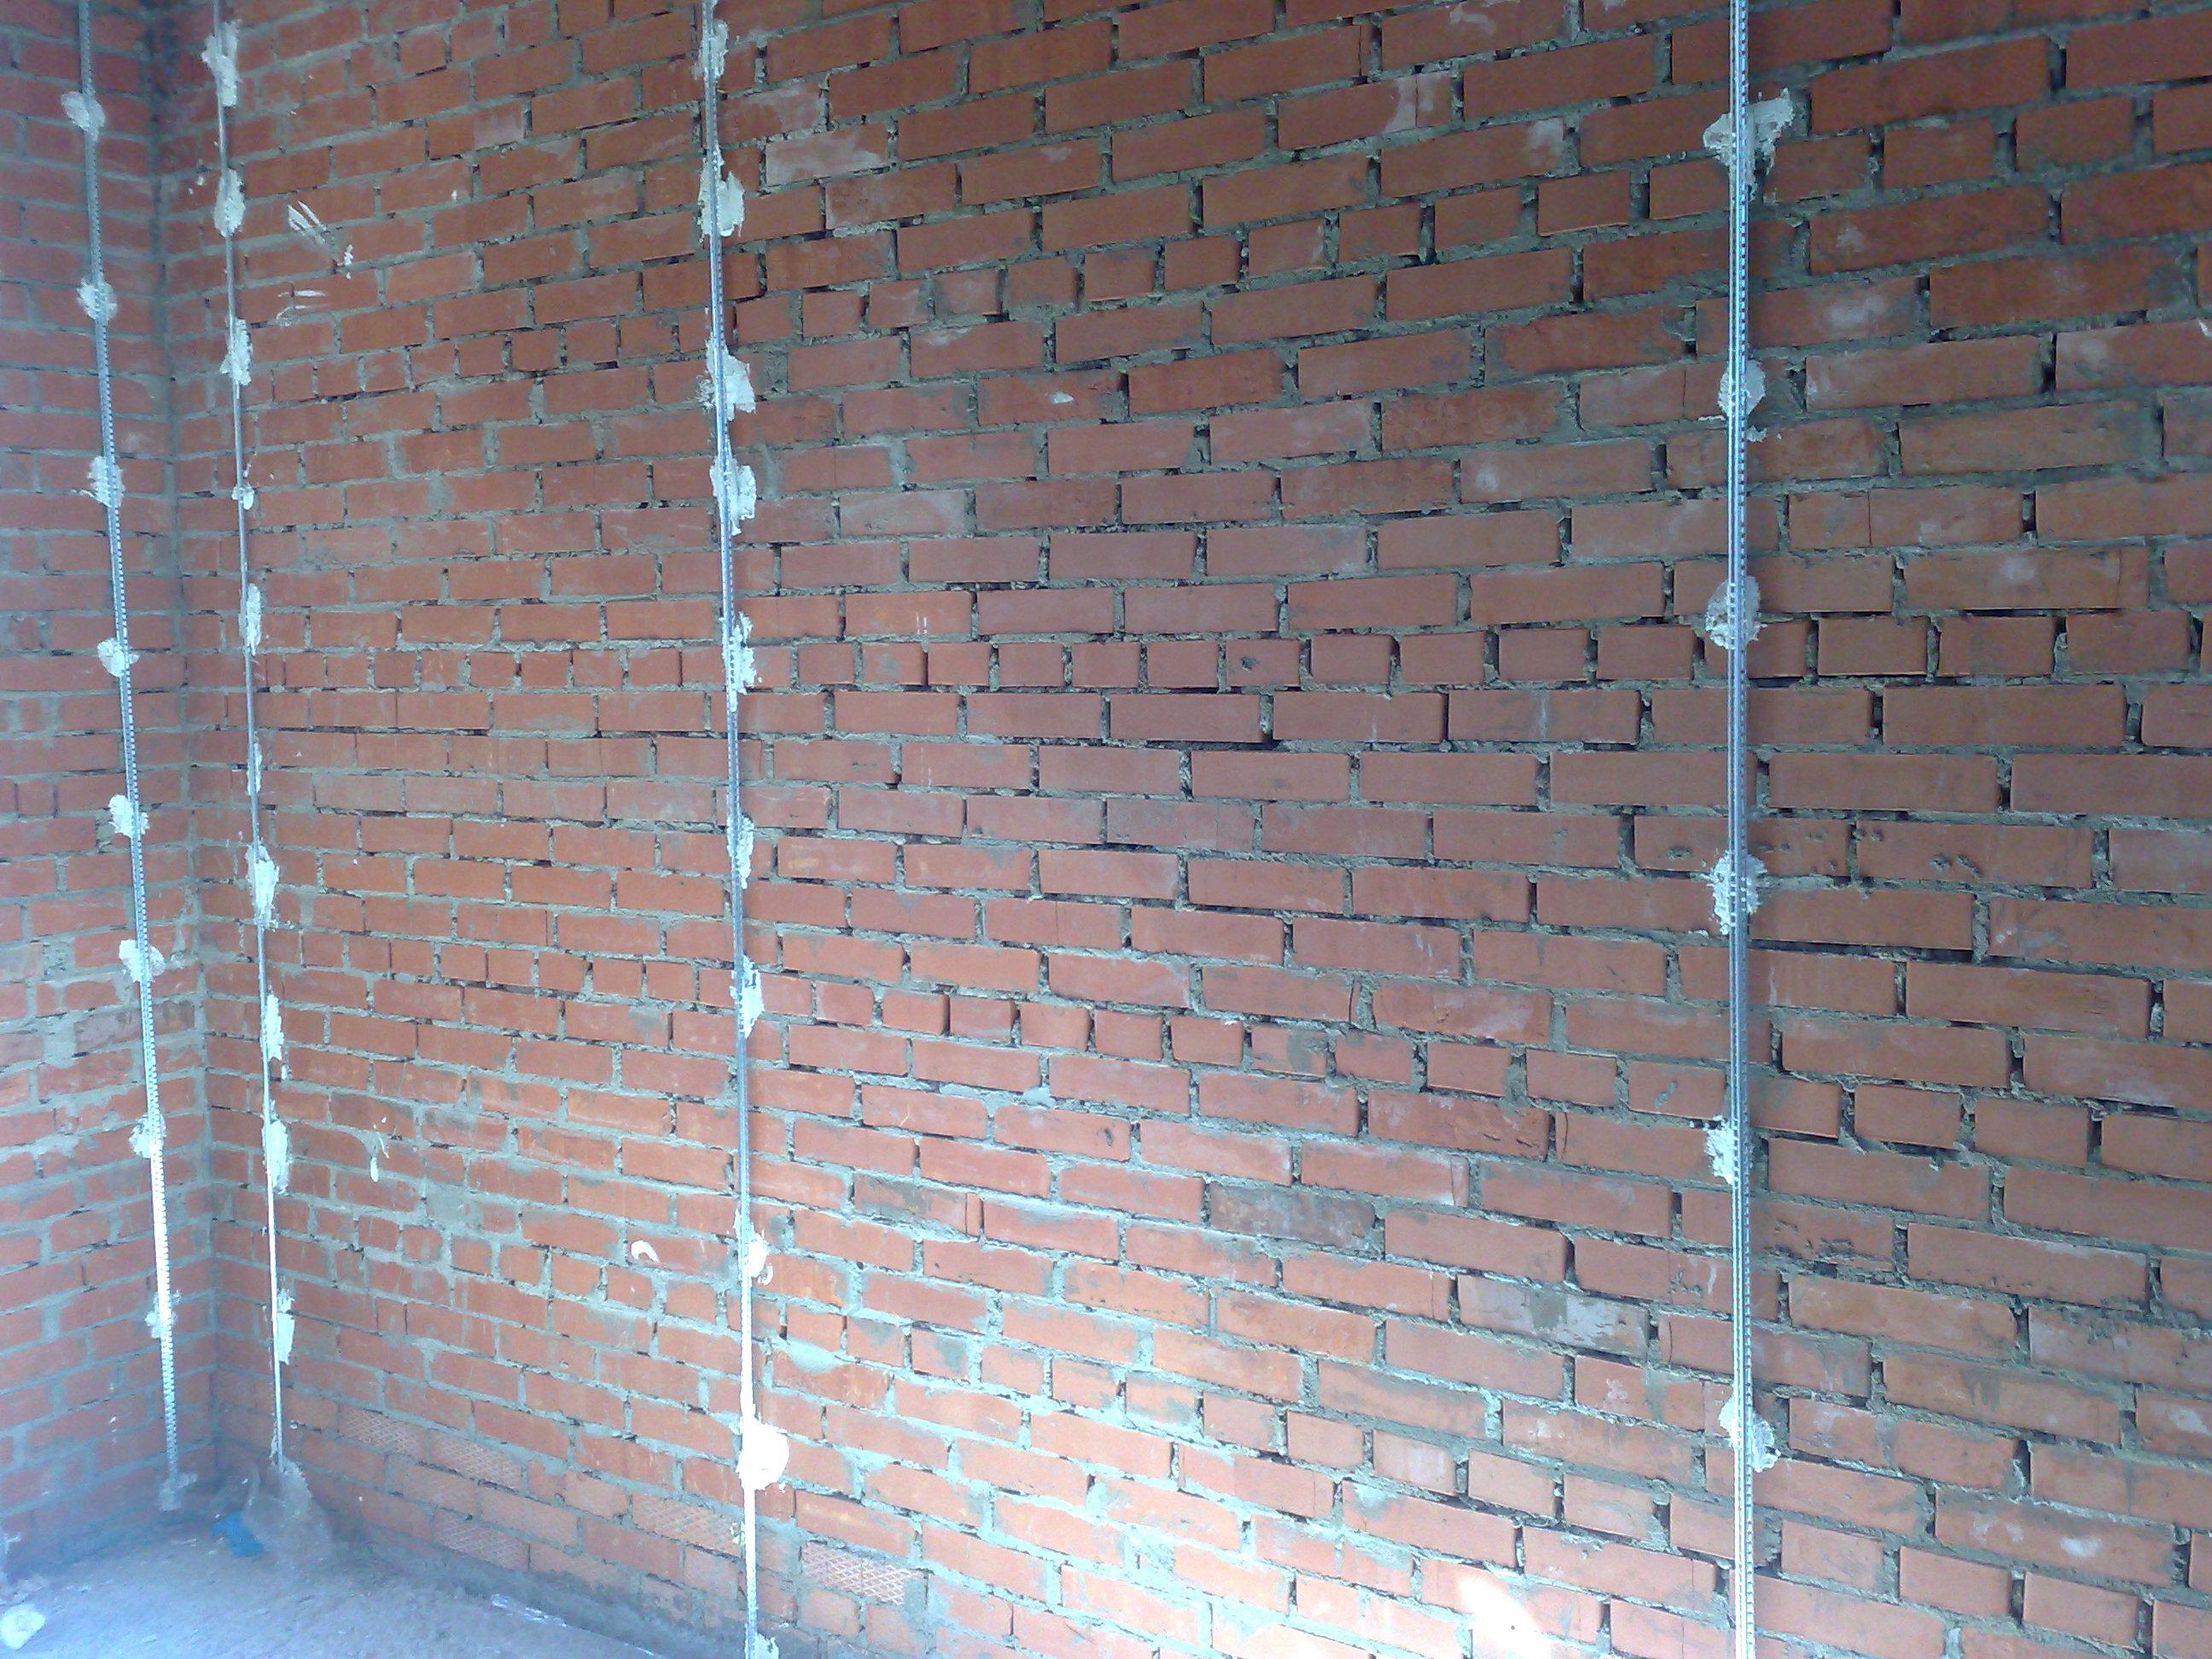 Como alisar paredes de gotele - Paredes de cemento ...